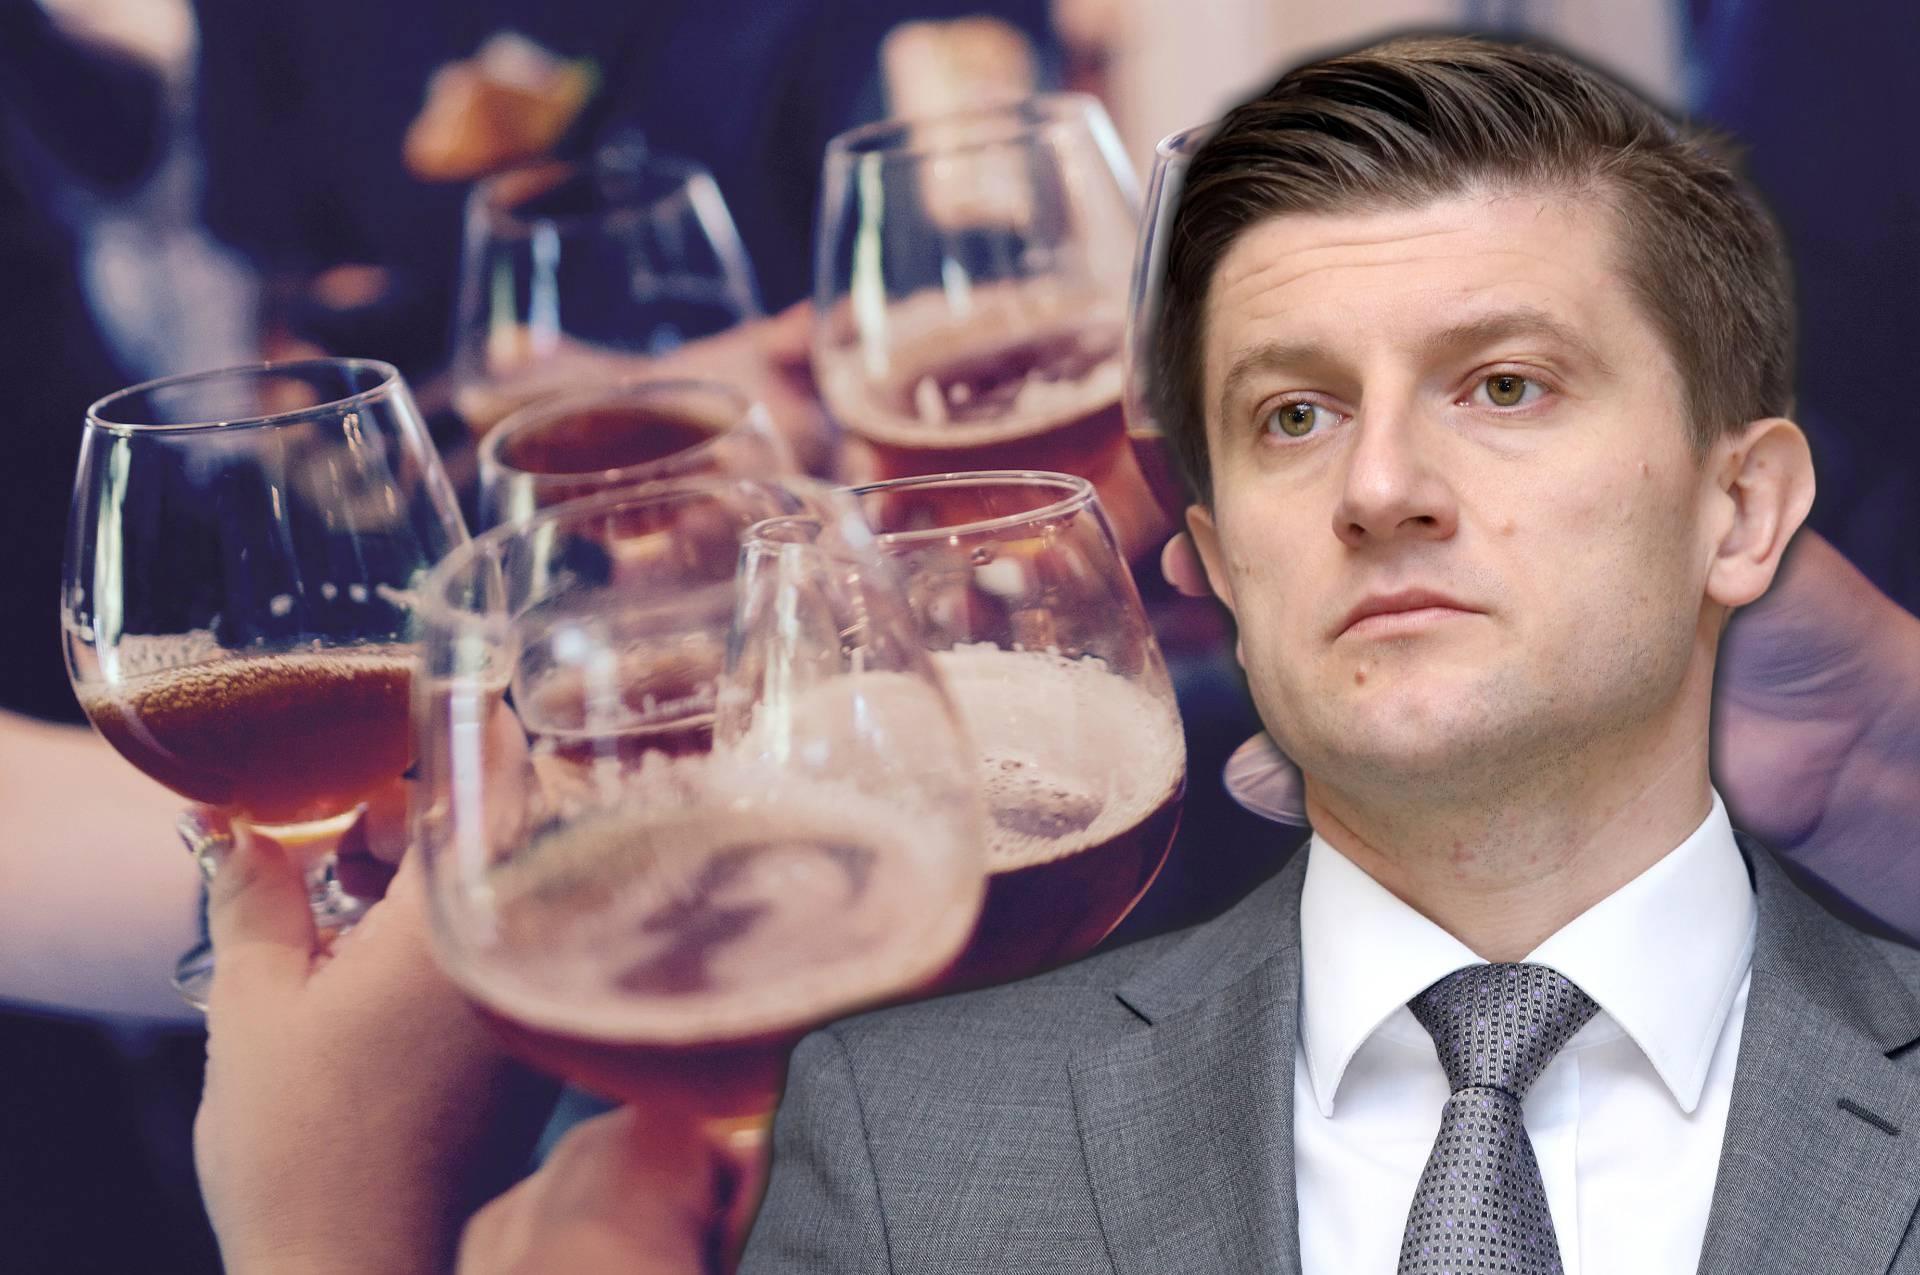 Stižu 30% veće trošarine na alkohol, cijena će rasti za 4%